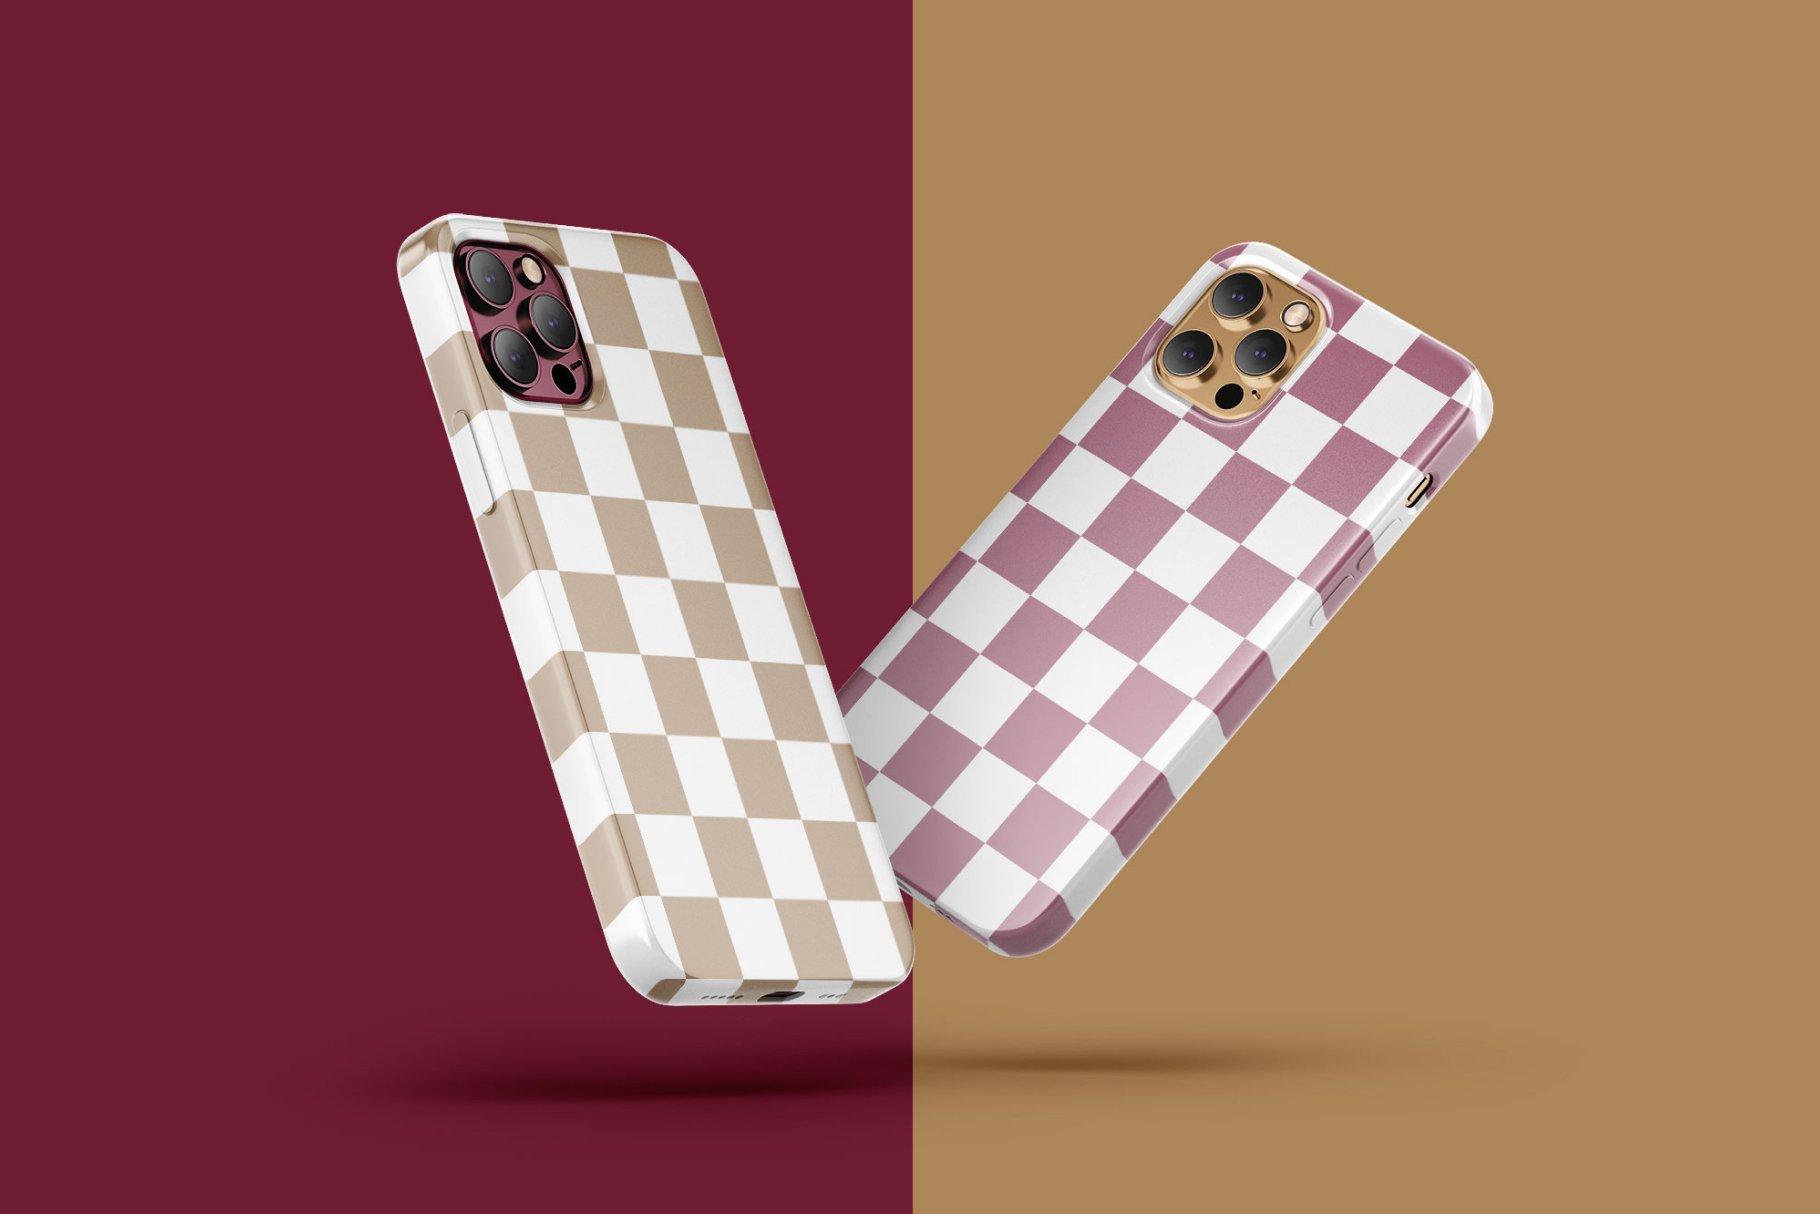 14款iPhone 12 Pro手机壳外观设计展示样机合集 iPhone 12 Pro Case Mockup Set插图2